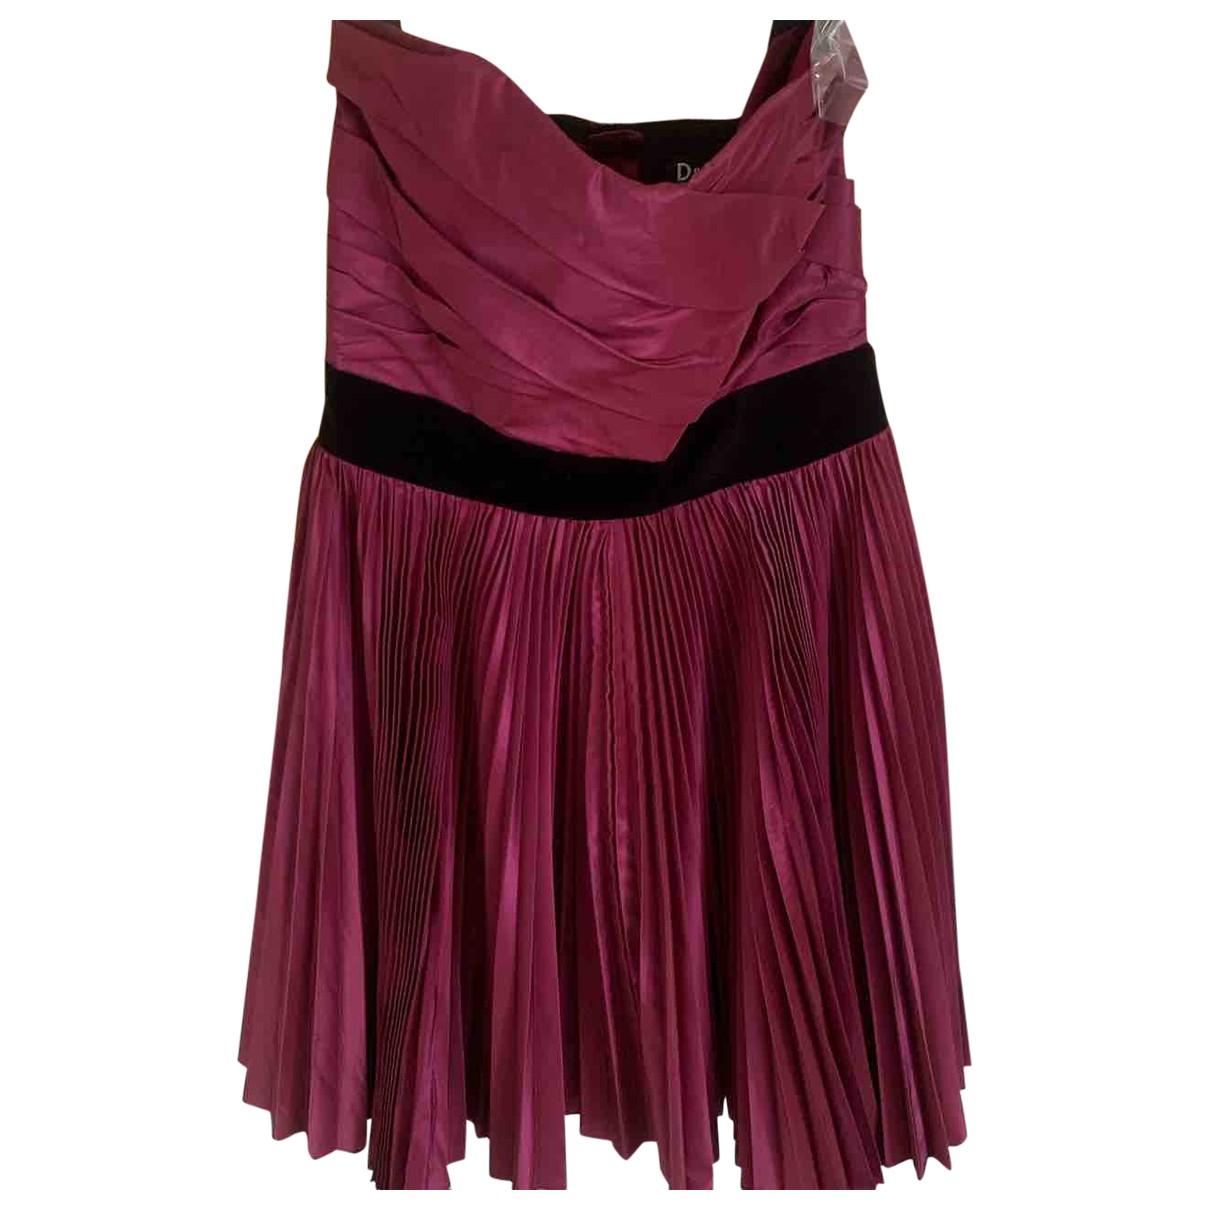 D&g \N Kleid in  Lila Seide